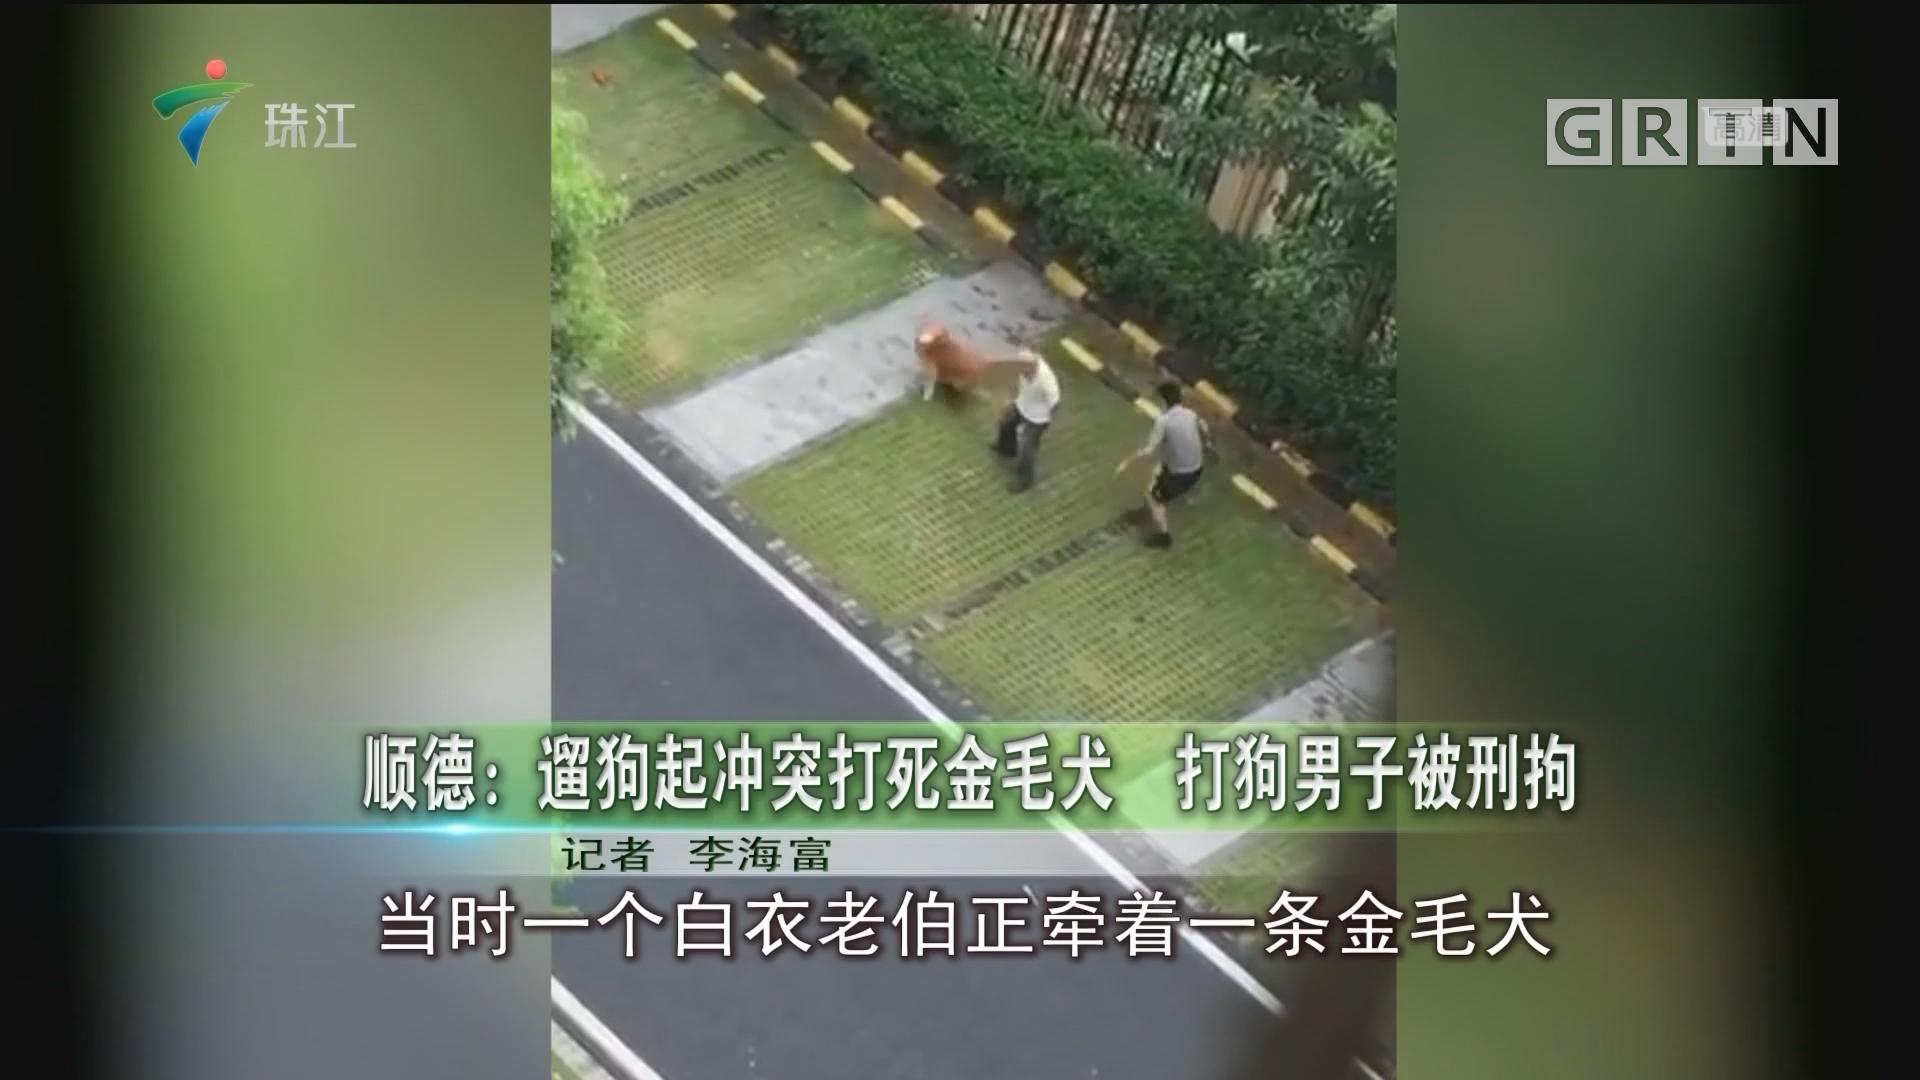 顺德:遛狗起冲突打死金毛犬 打狗男子被刑拘